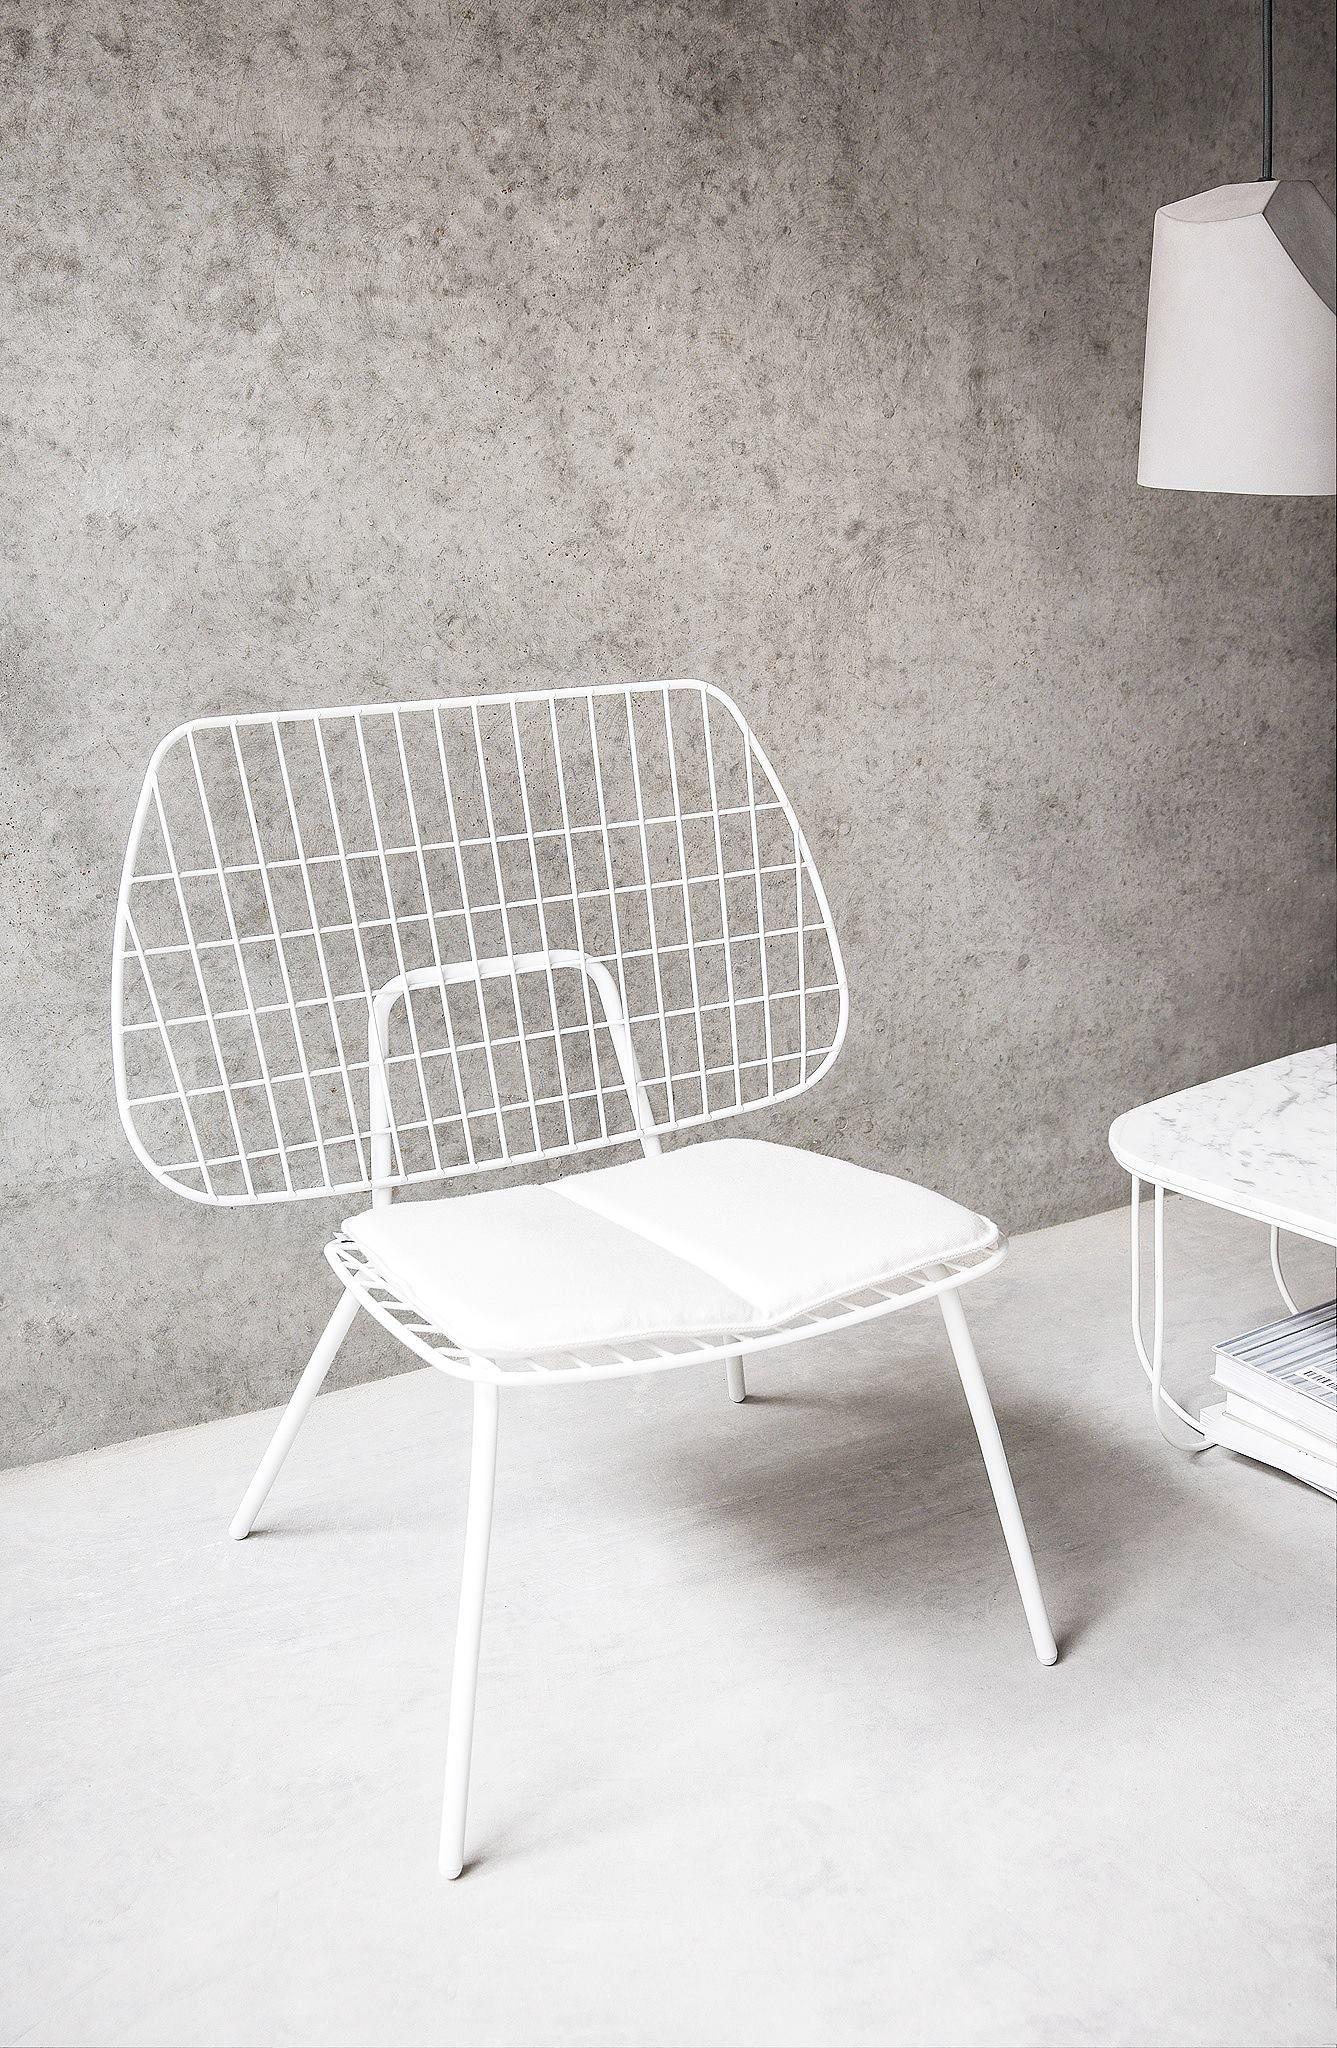 Für den In- und Outdoor Bereich: Der Lounge Chair sieht luftig ...